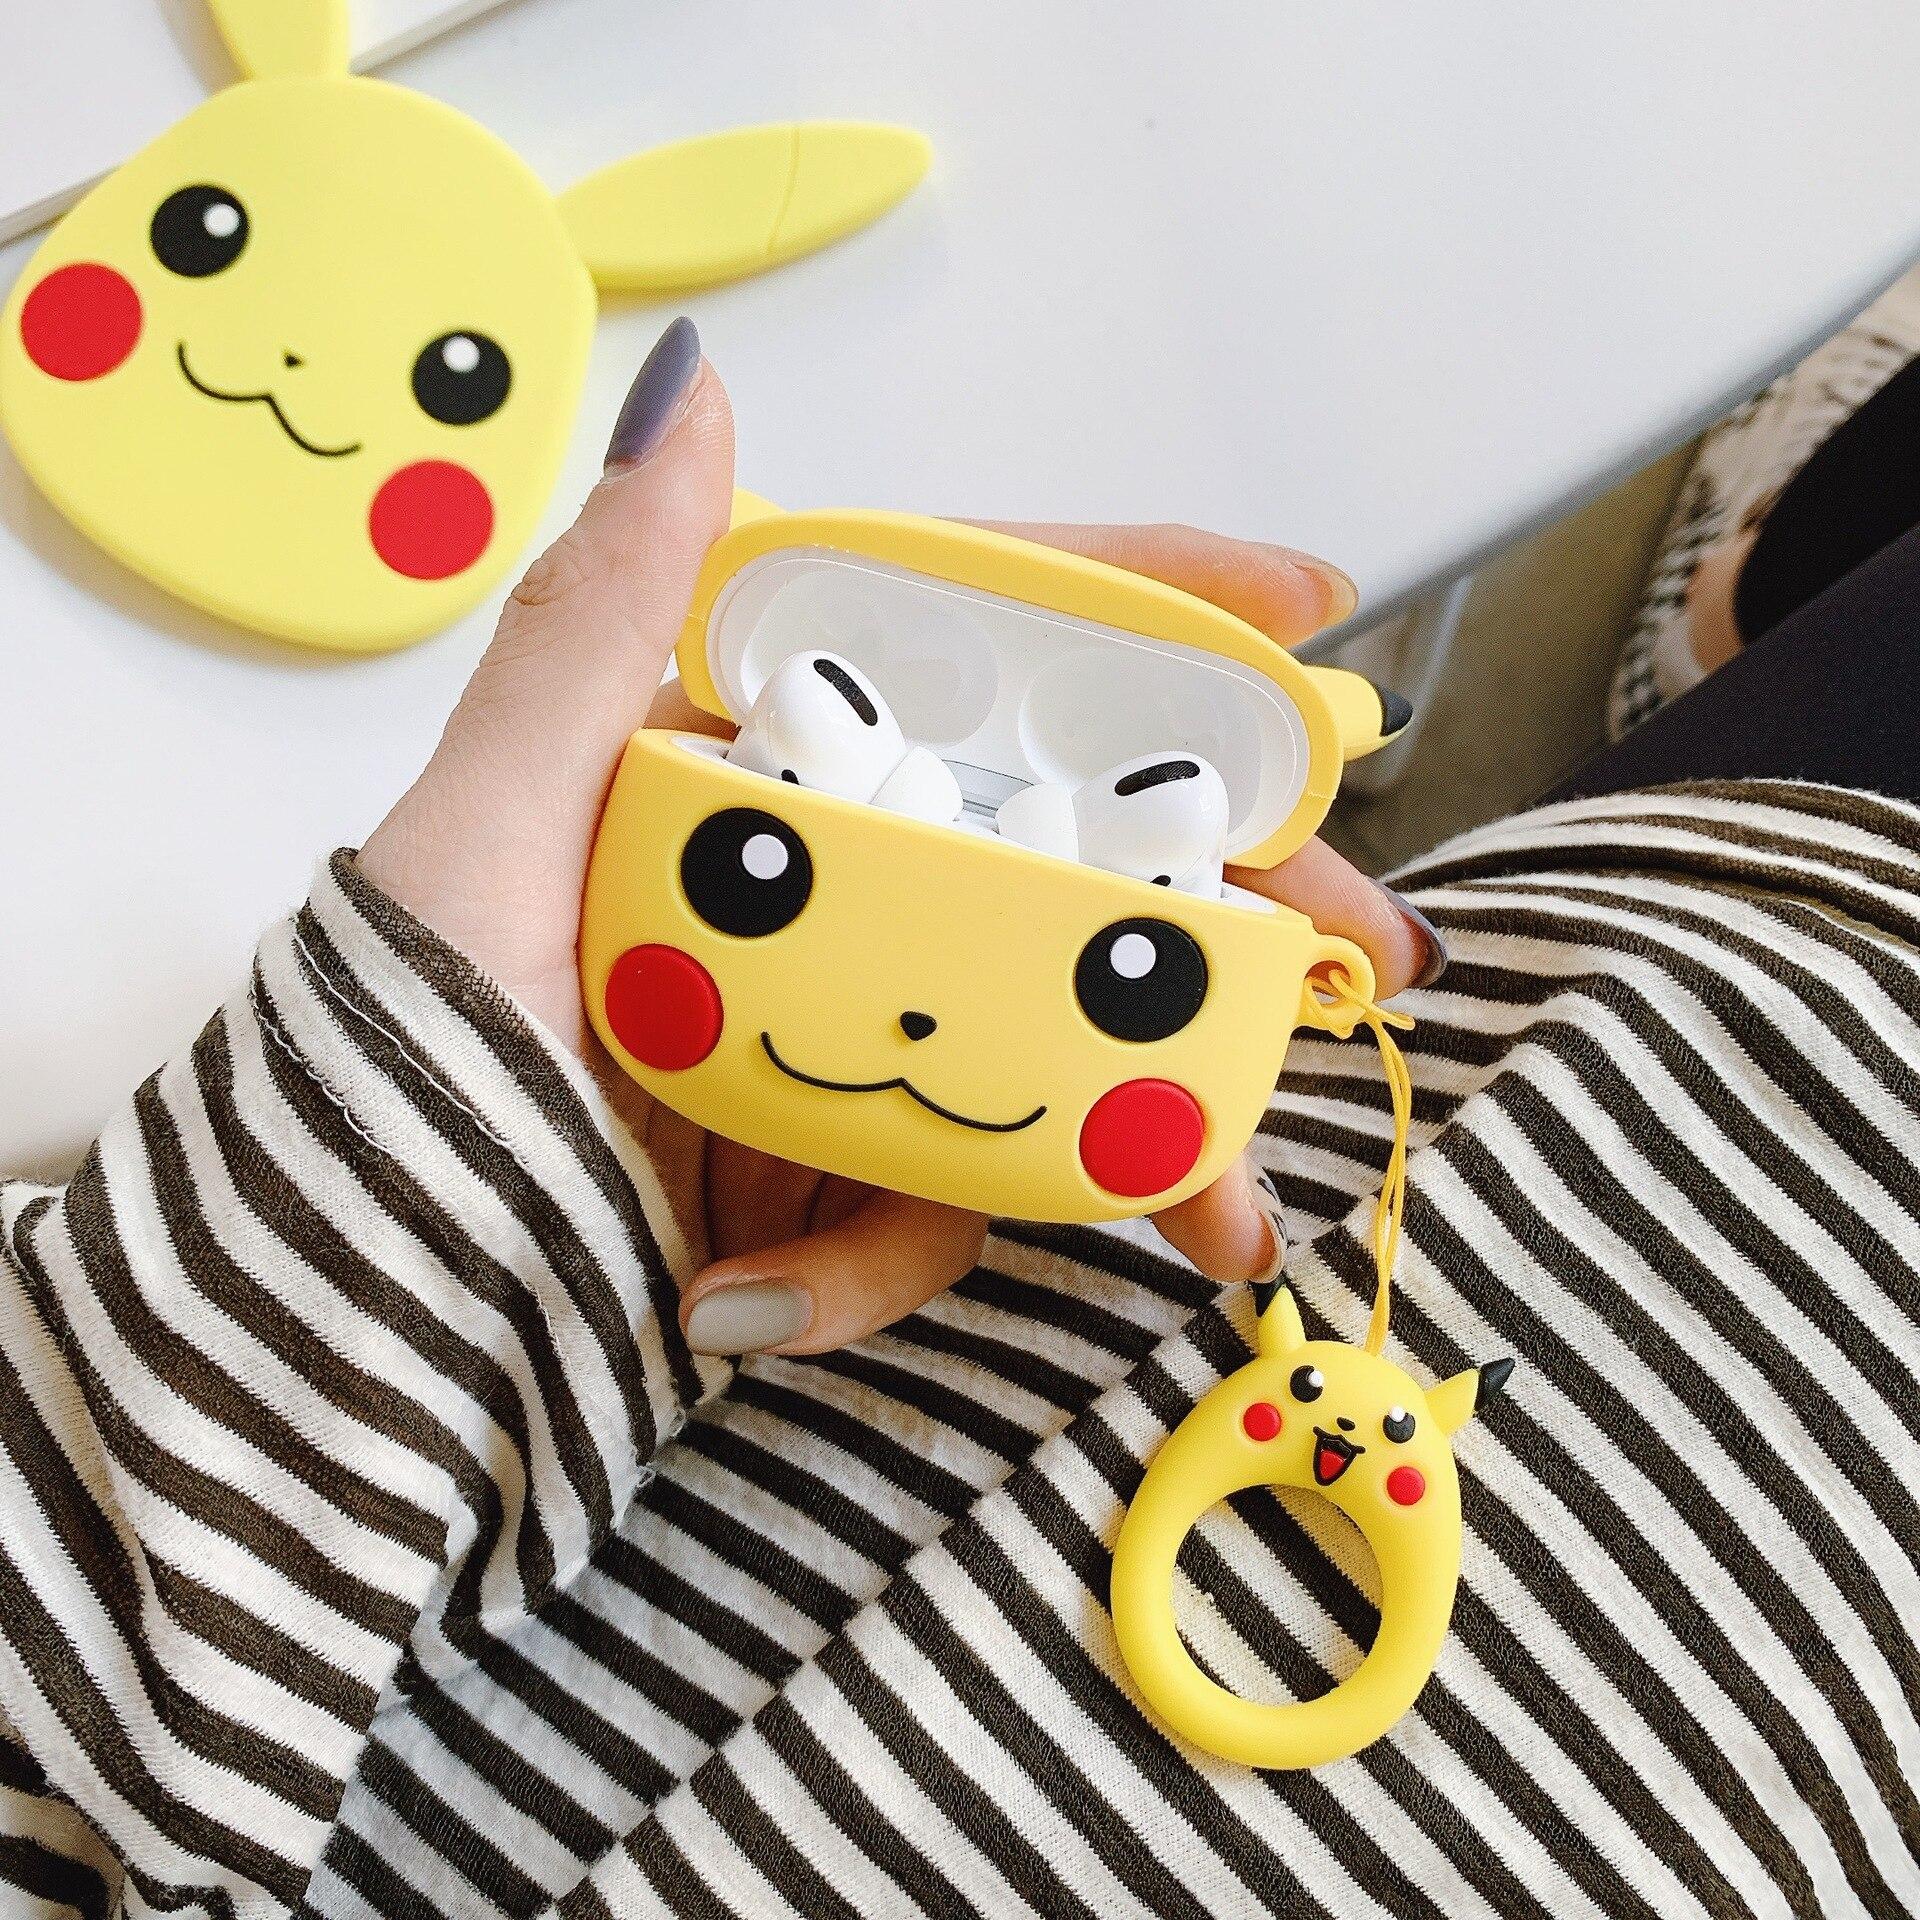 Takara tomy pokemon airpods pro silicone caso kawaii pikachu dos desenhos animados anti-gota bluetooth fone de ouvido caixa protetora presentes